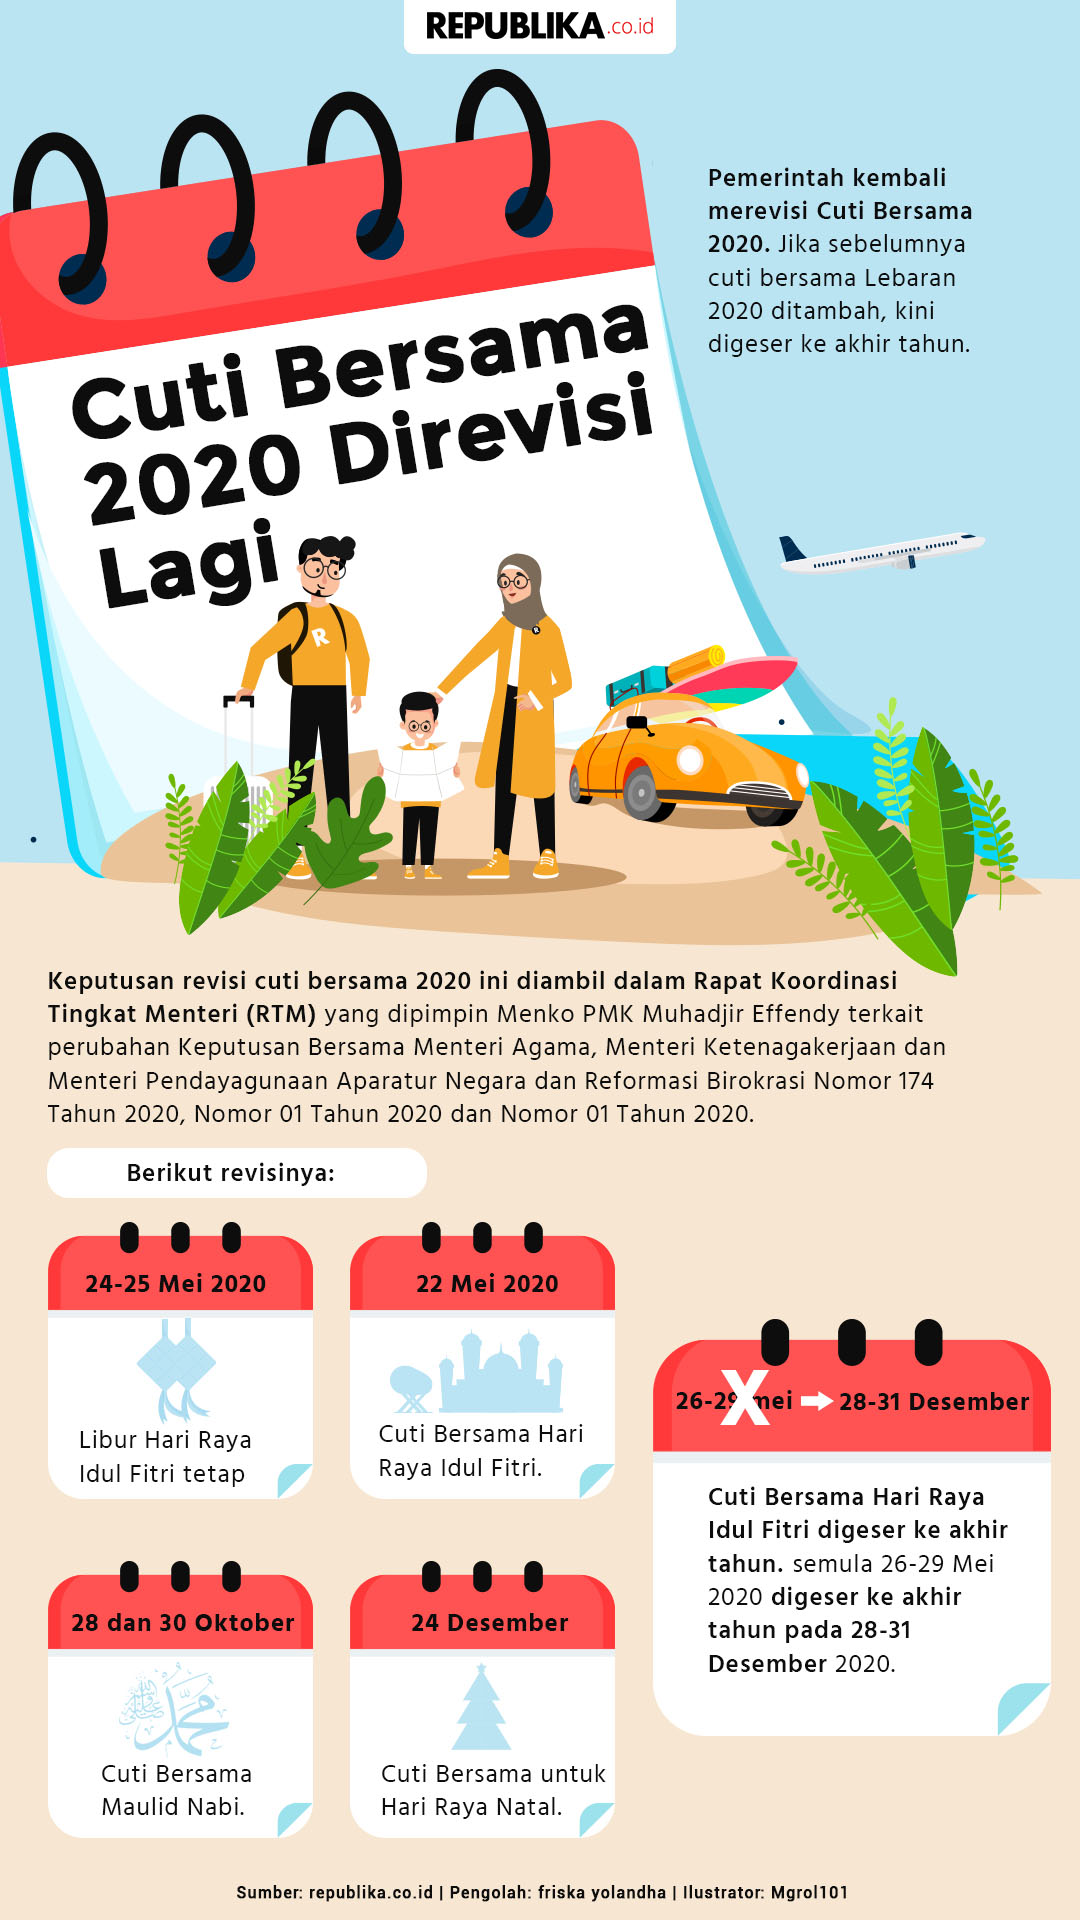 Cuti Bersama 2020 Direvisi Lagi | Republika Online